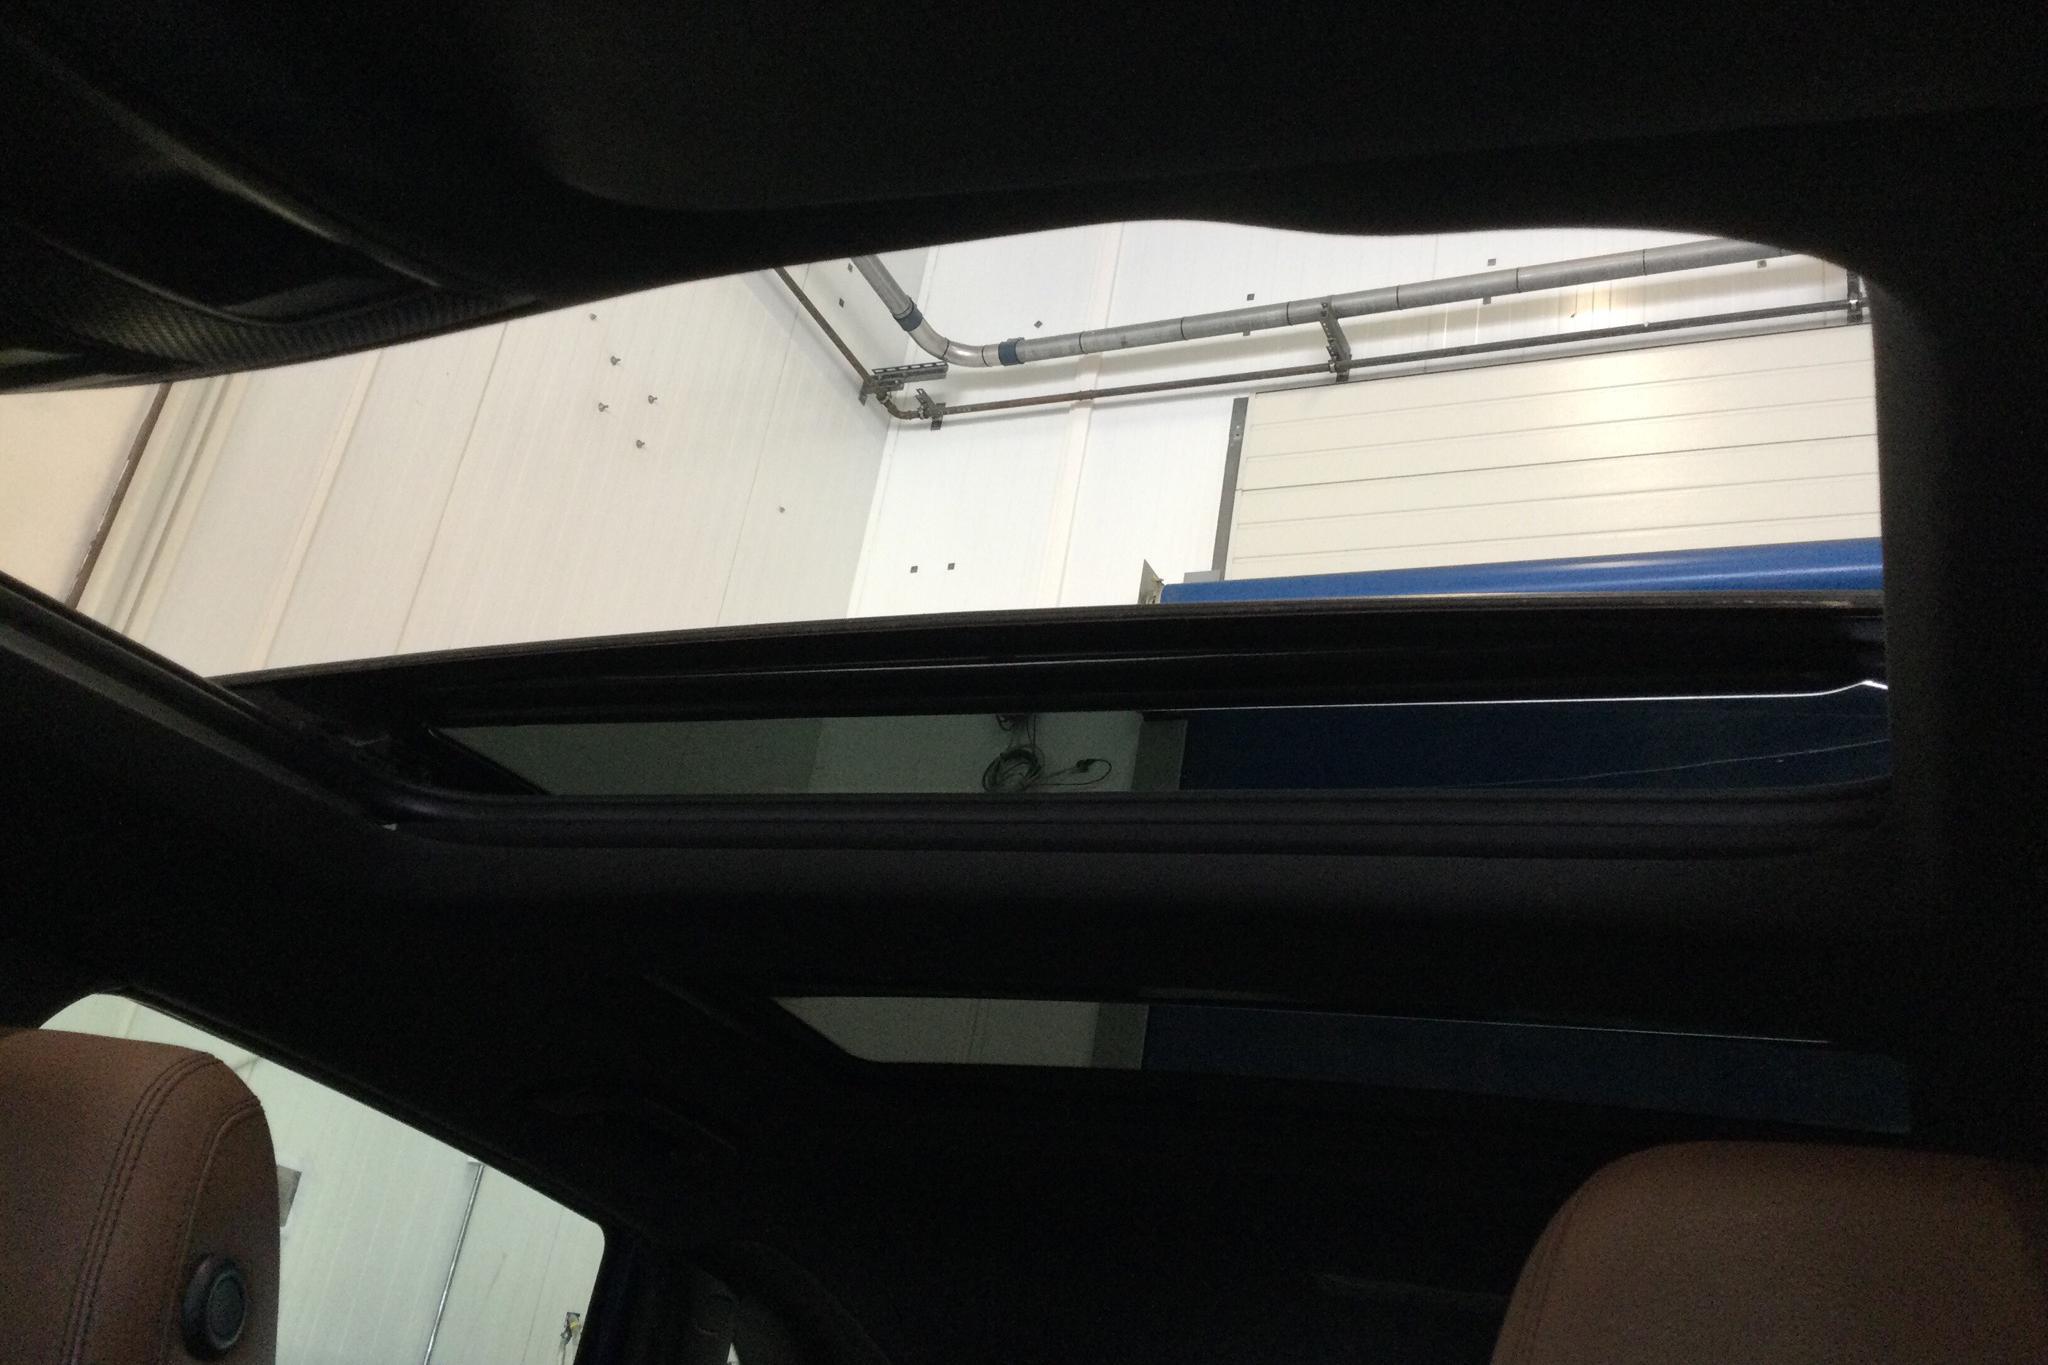 Mercedes B 200 CDI W246 (136hk) - 9 778 mil - Manuell - blå - 2012